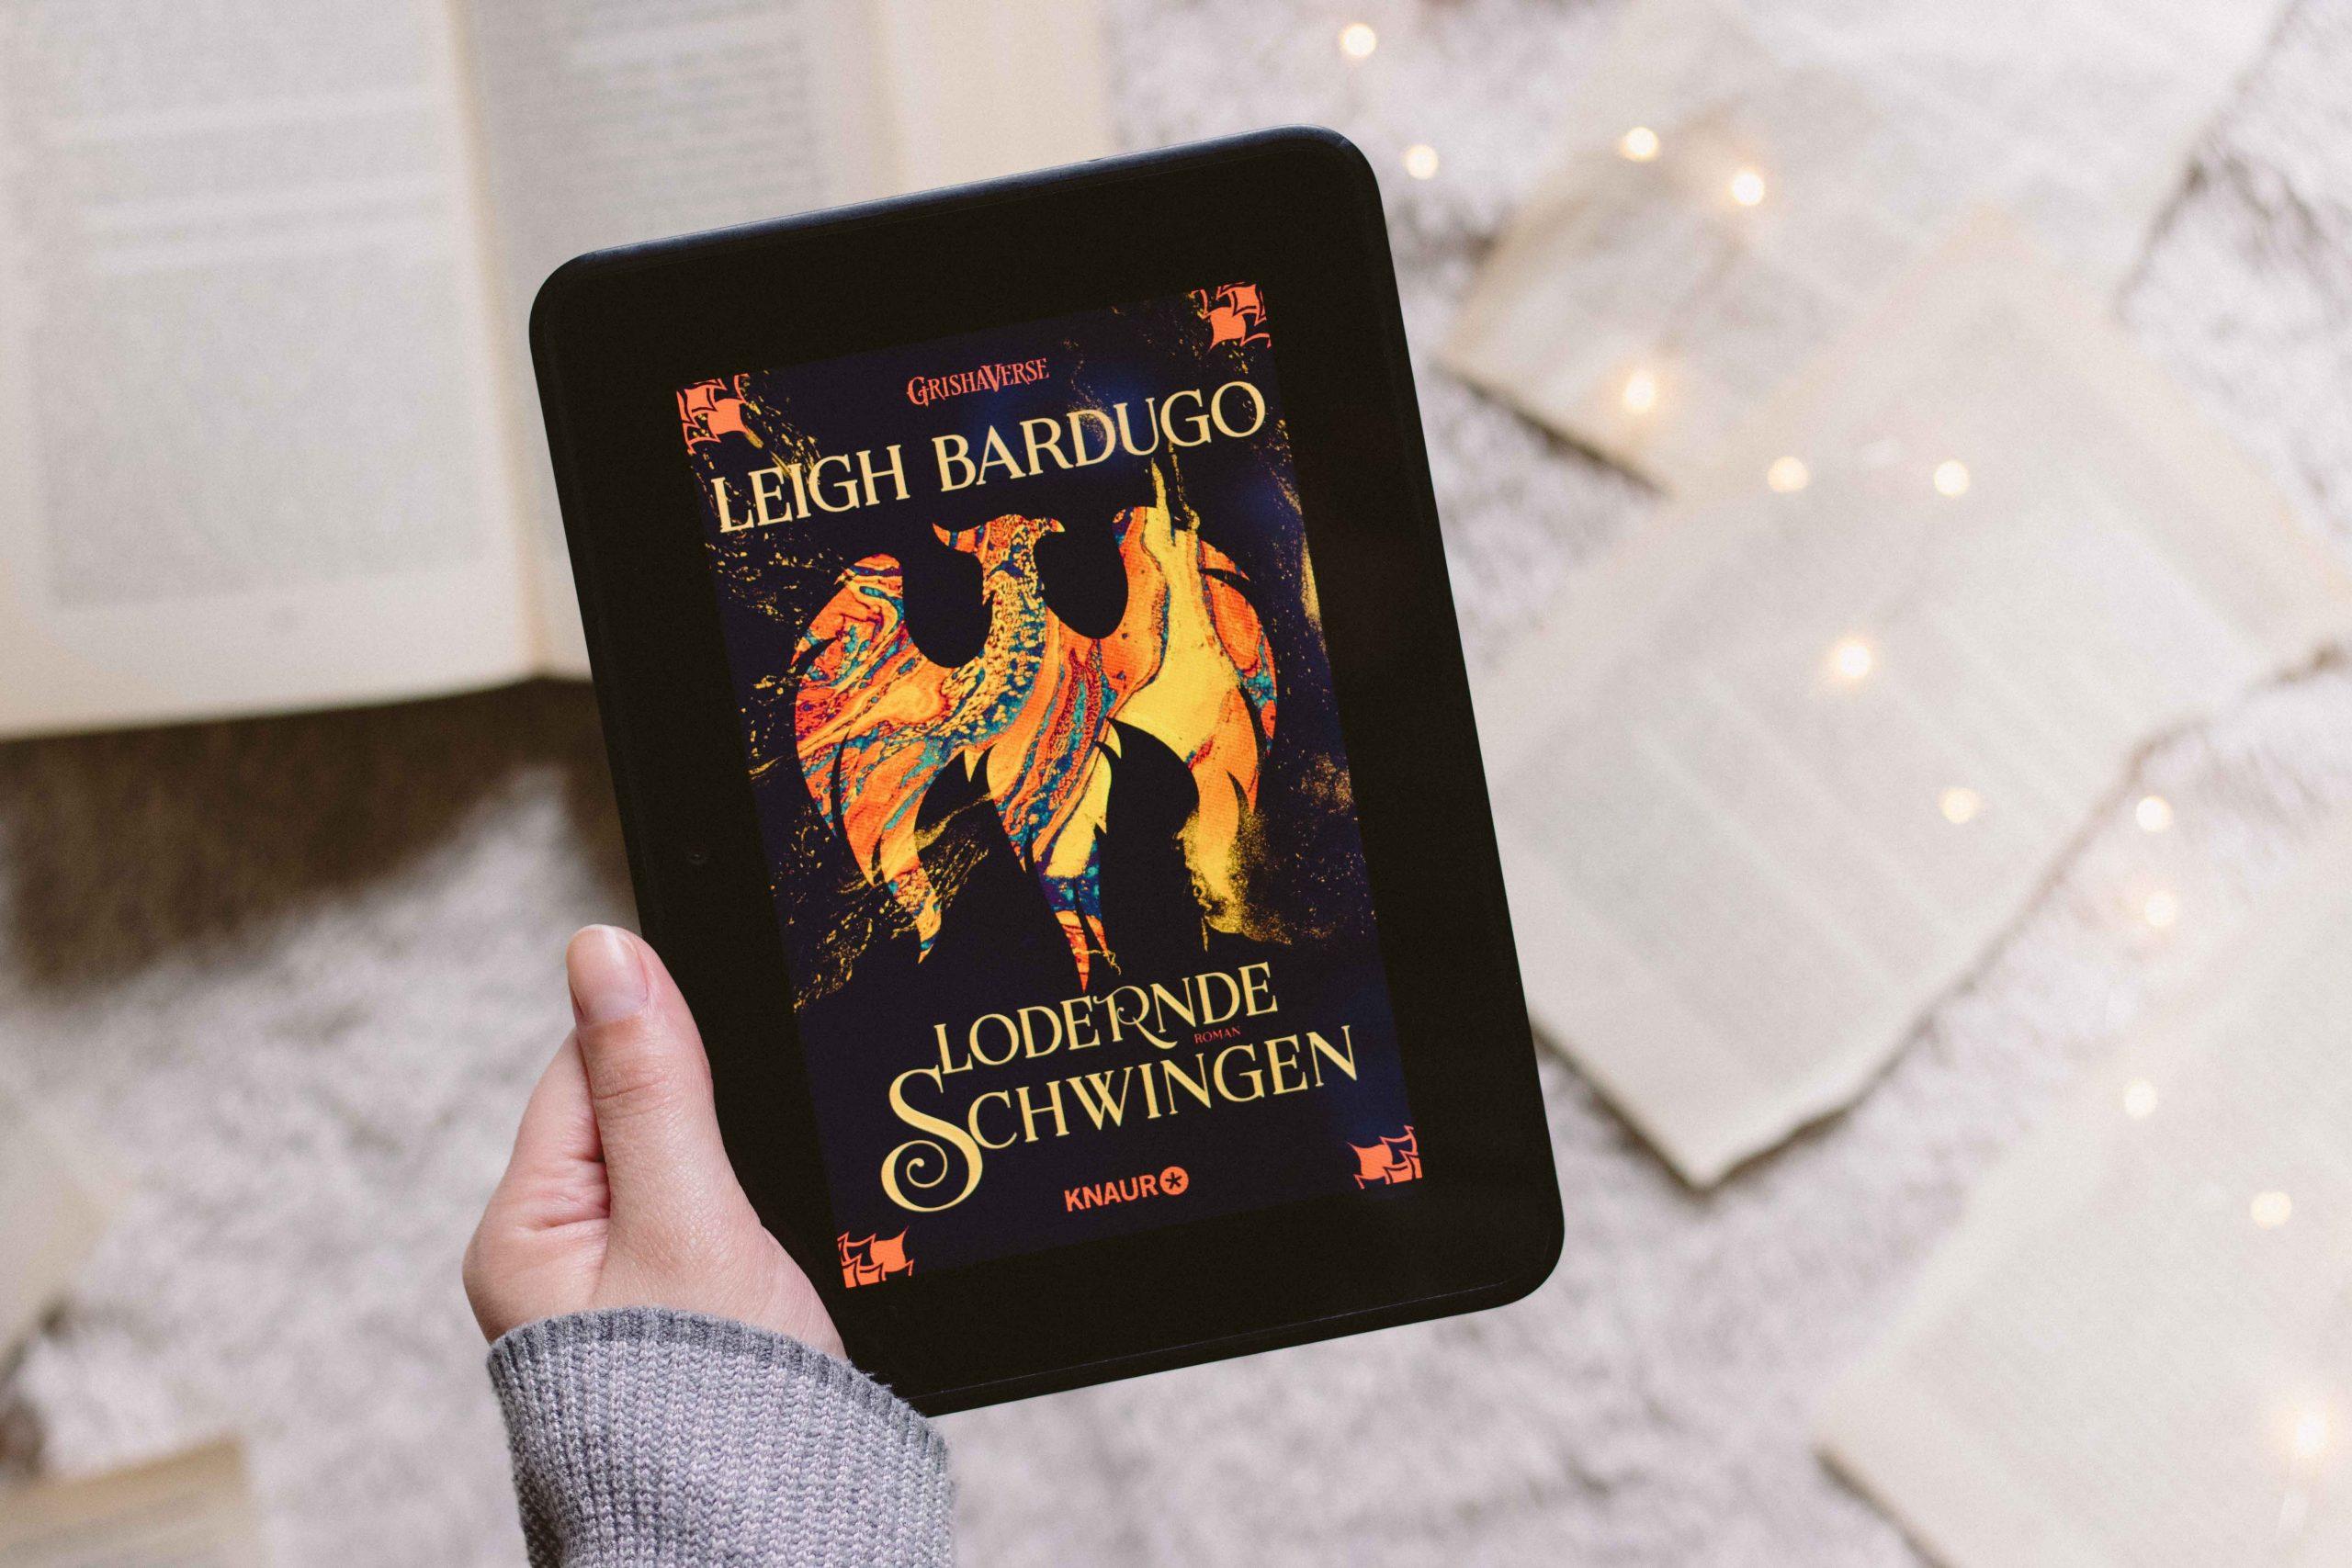 Lodernde Schwingen – Grishaverse #3 | Leigh Bardugo